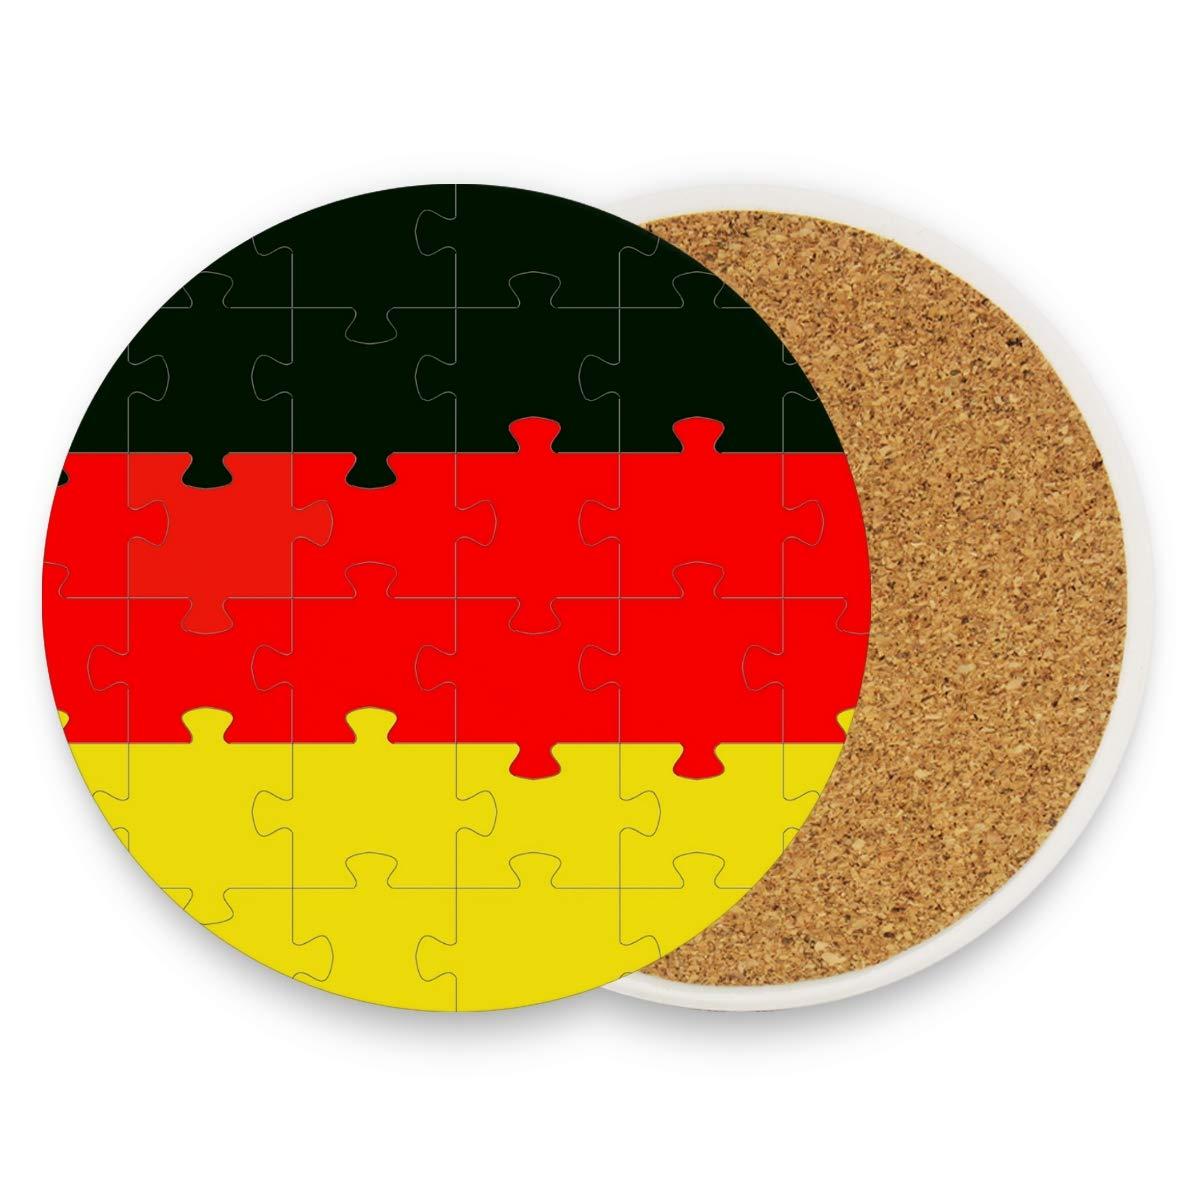 Dessous de verre motif drapeau allemand de Malplena - Grande taille de 8,9 cm - Convient à toutes les tasses - Pour la maison, la cuisine, la maison ou la cuisine, Bois, 1, 4 pieces set